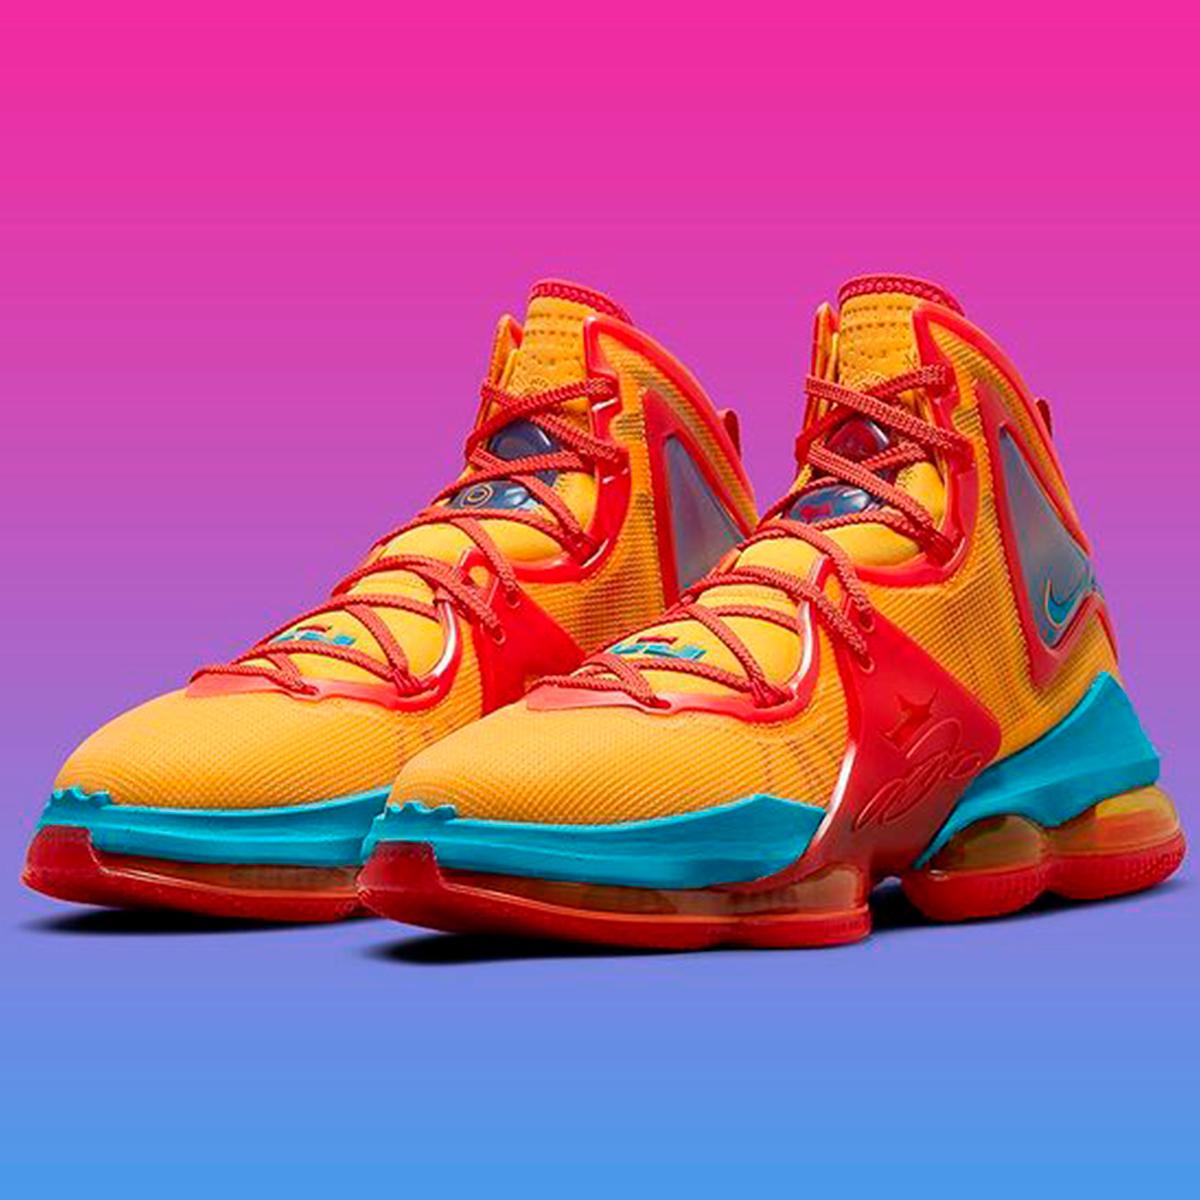 Nike Air Sapce Jam